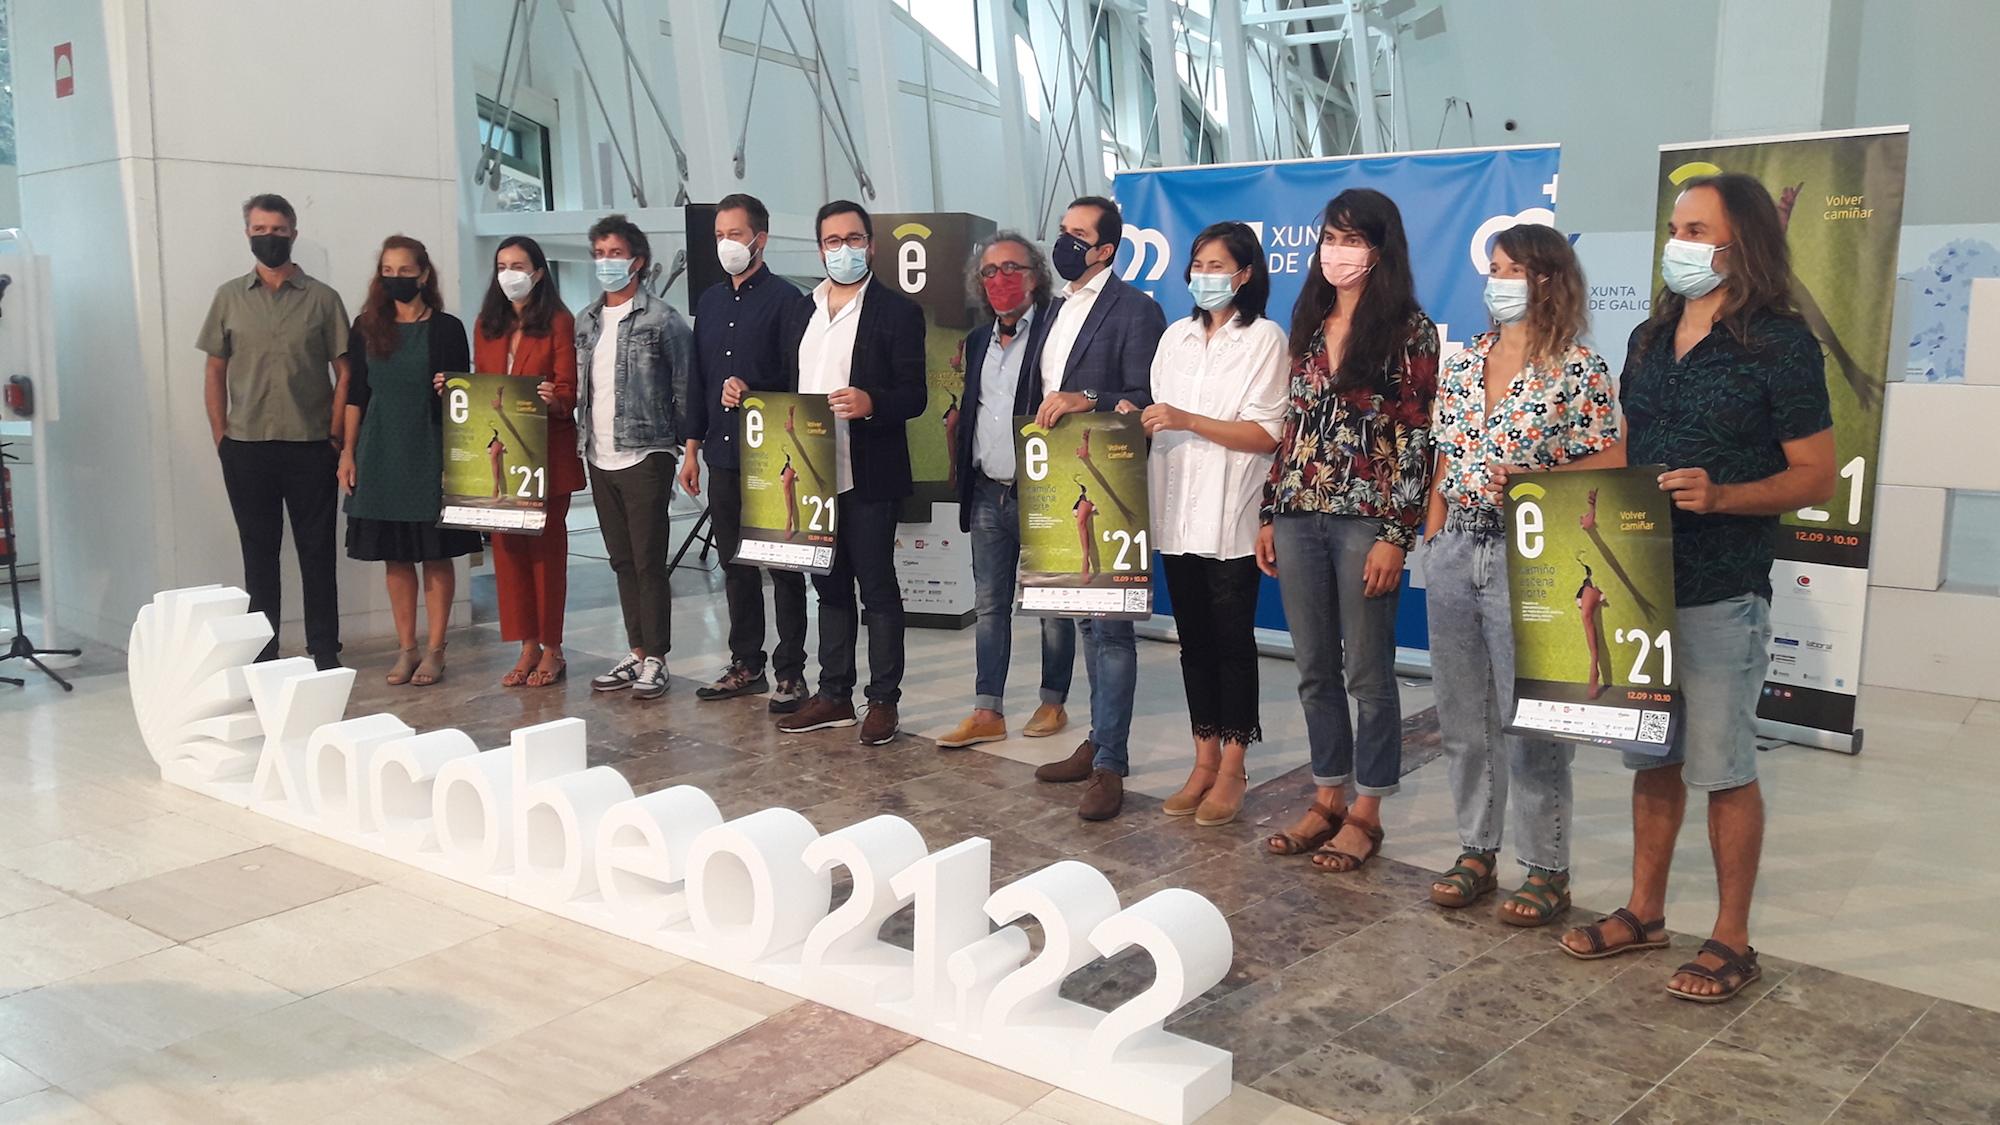 A terceira edición do programa Camiño Escena Norte levará as artes escénicas por nove municipios galegos, entre eles Ribadeo e Mondoñedo